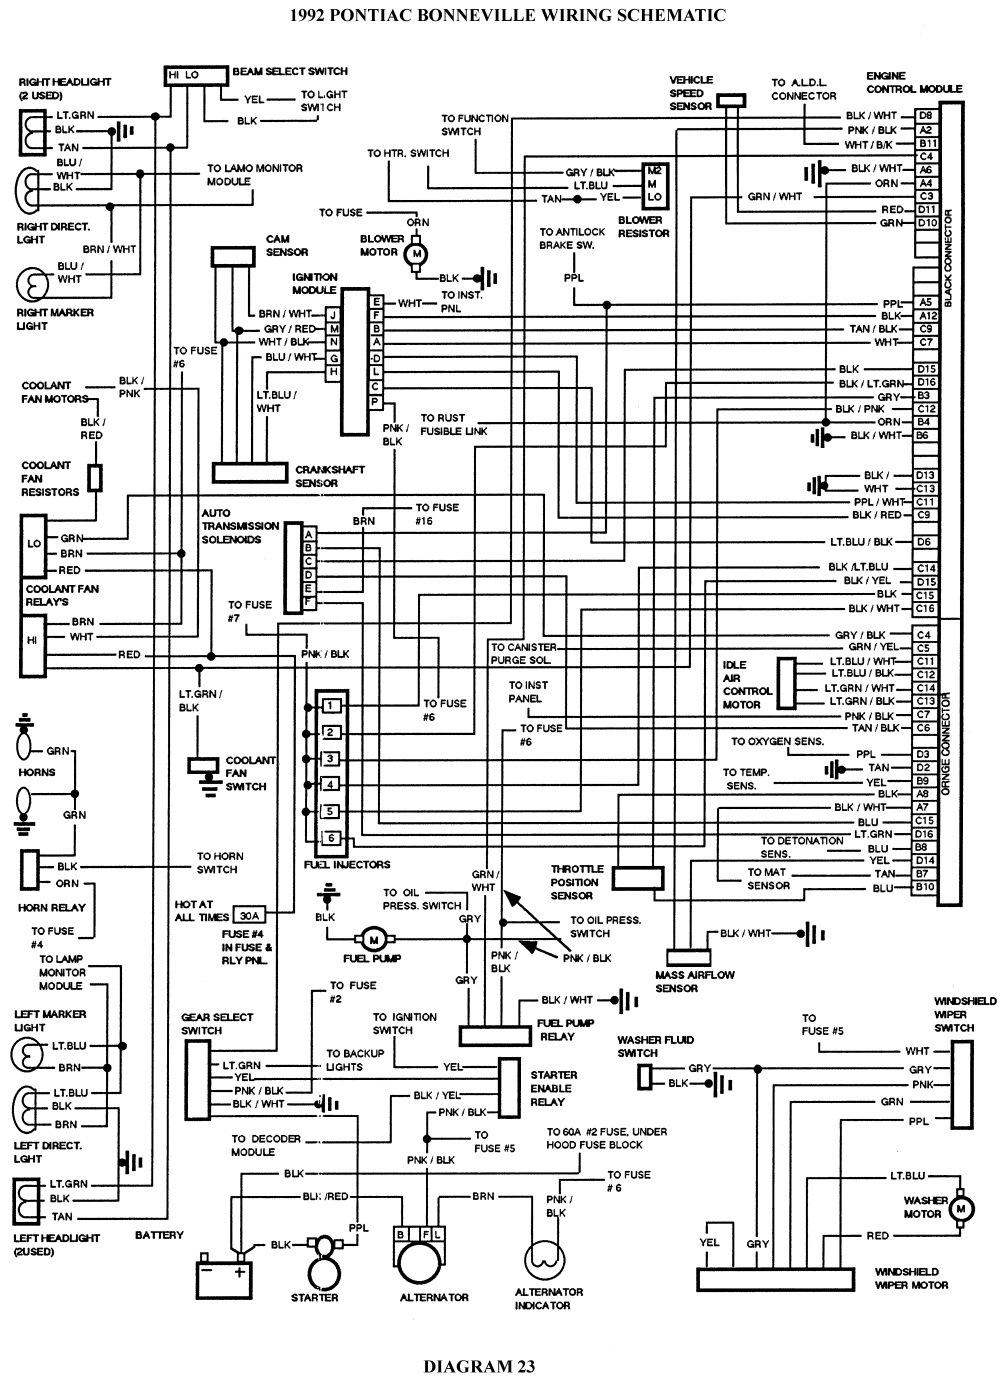 Электро-схема для Pontiac Bonneville 8-е поколение. — DRIVE2